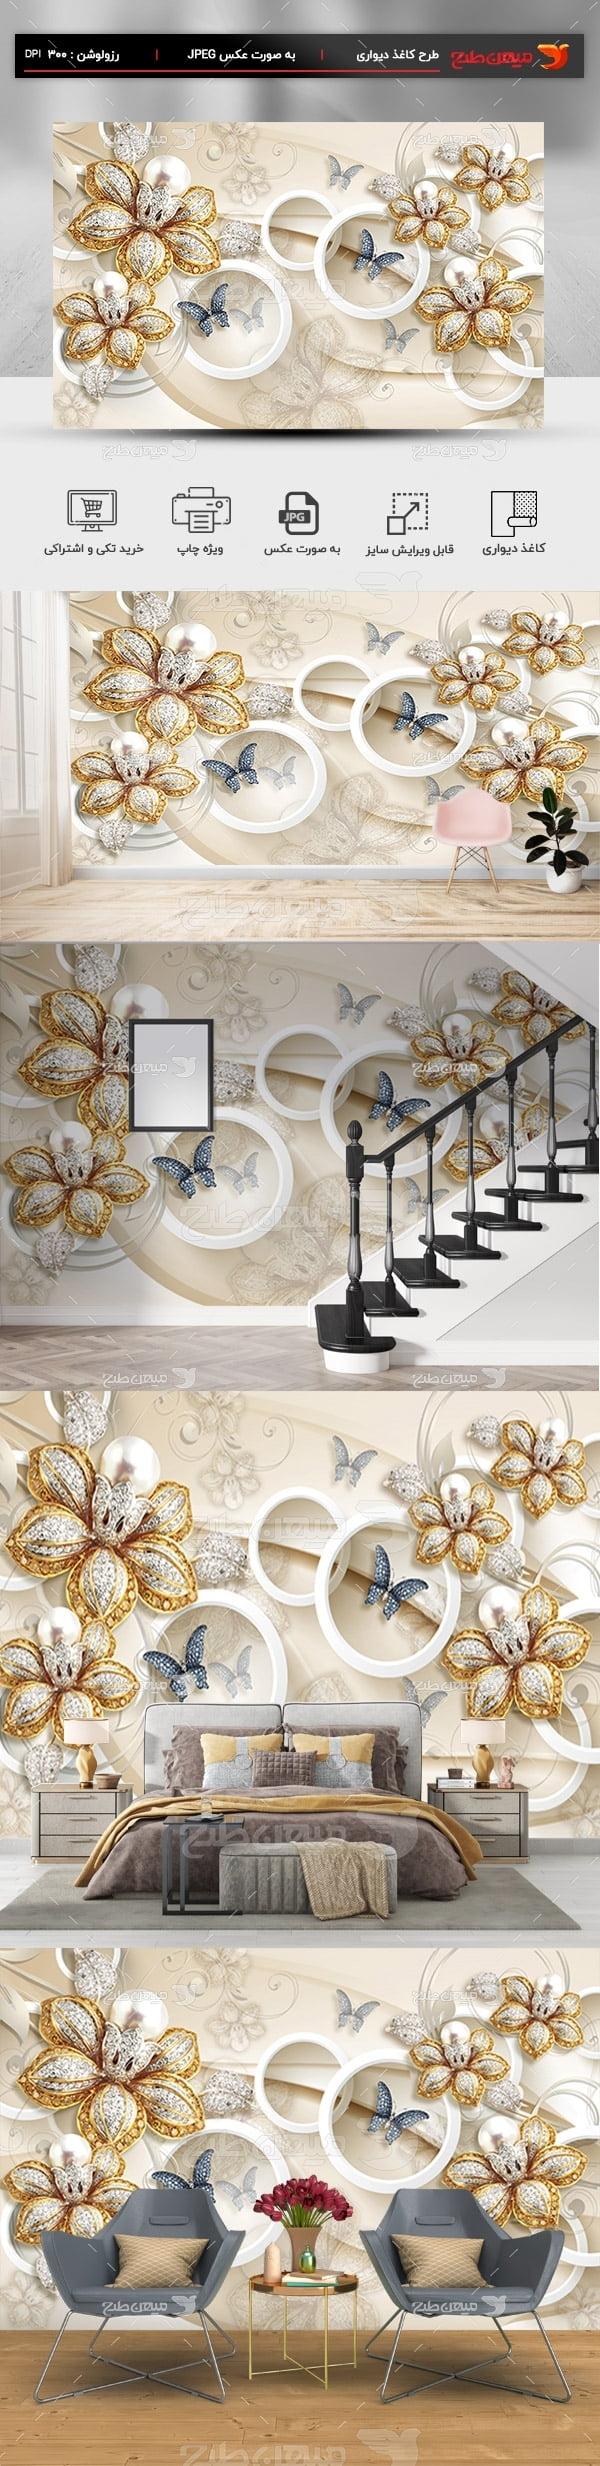 پوستر کاغذ دیواری سه بعدی طرح گل و پروانه الماس و طلا